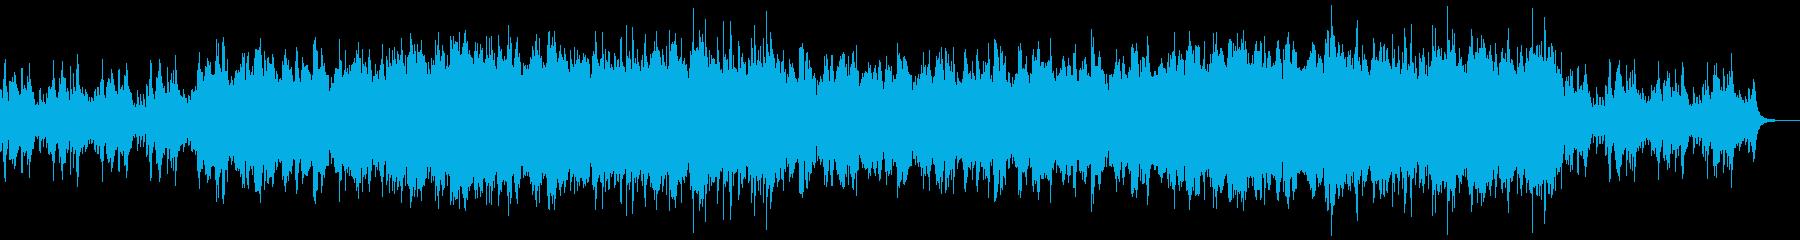 旅・湯けむりの里シリーズ紀行もの-02の再生済みの波形